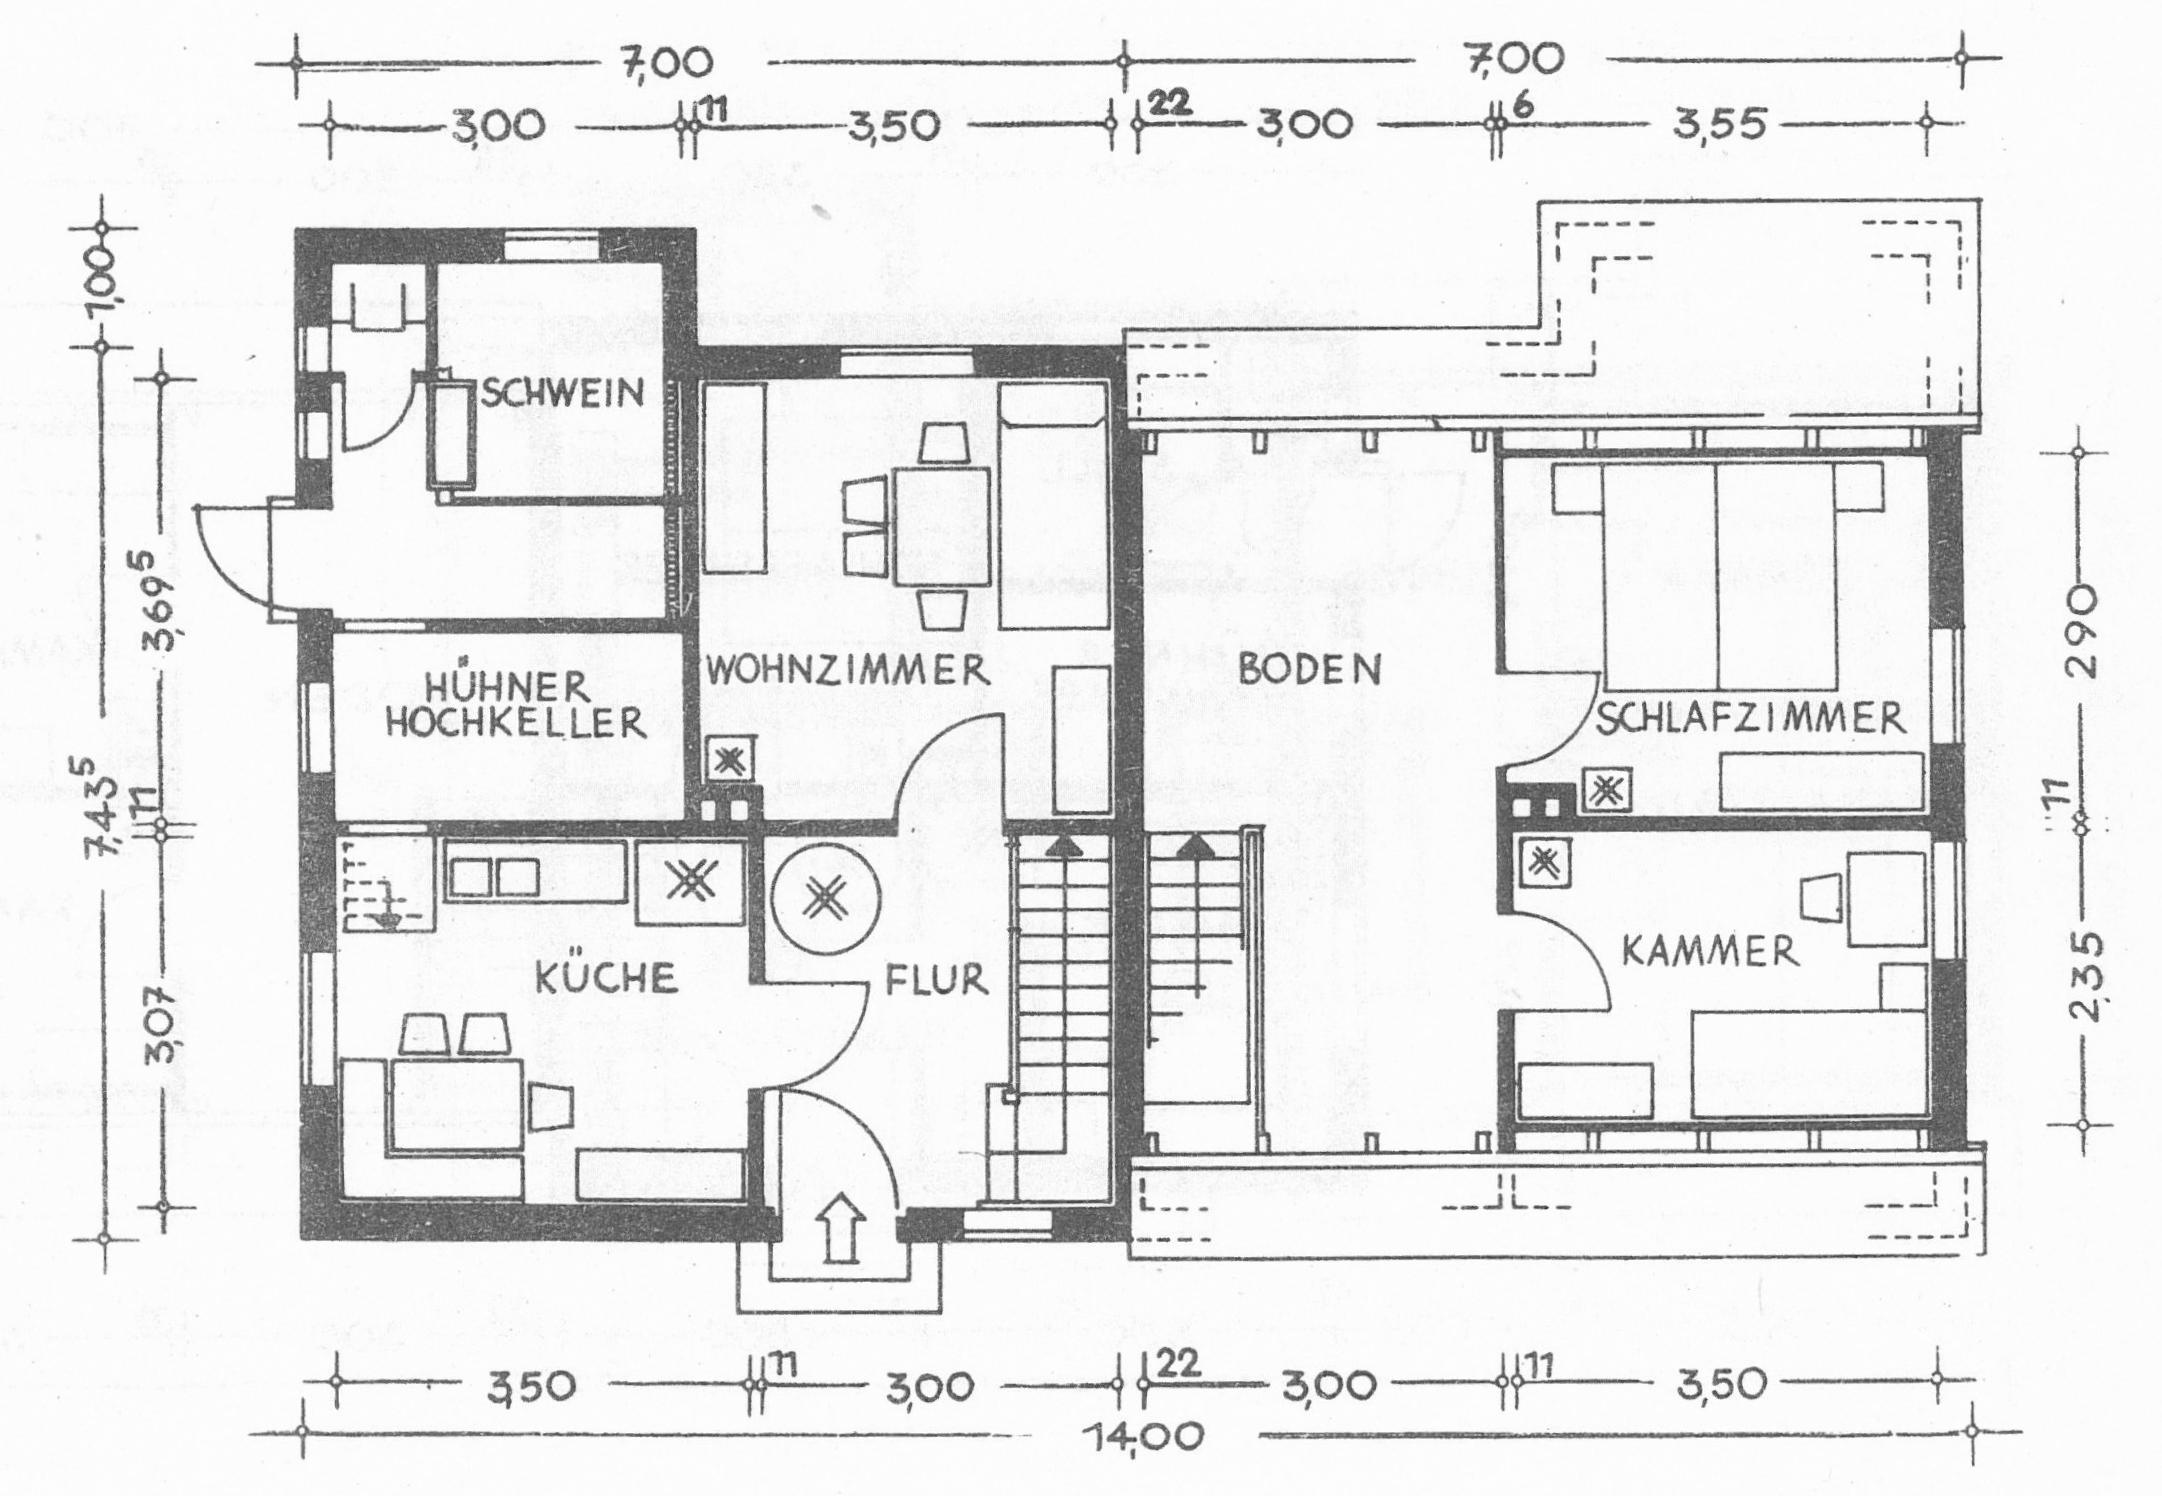 Architecture int rieure - Plan de cuisine professionnelle restaurant ...